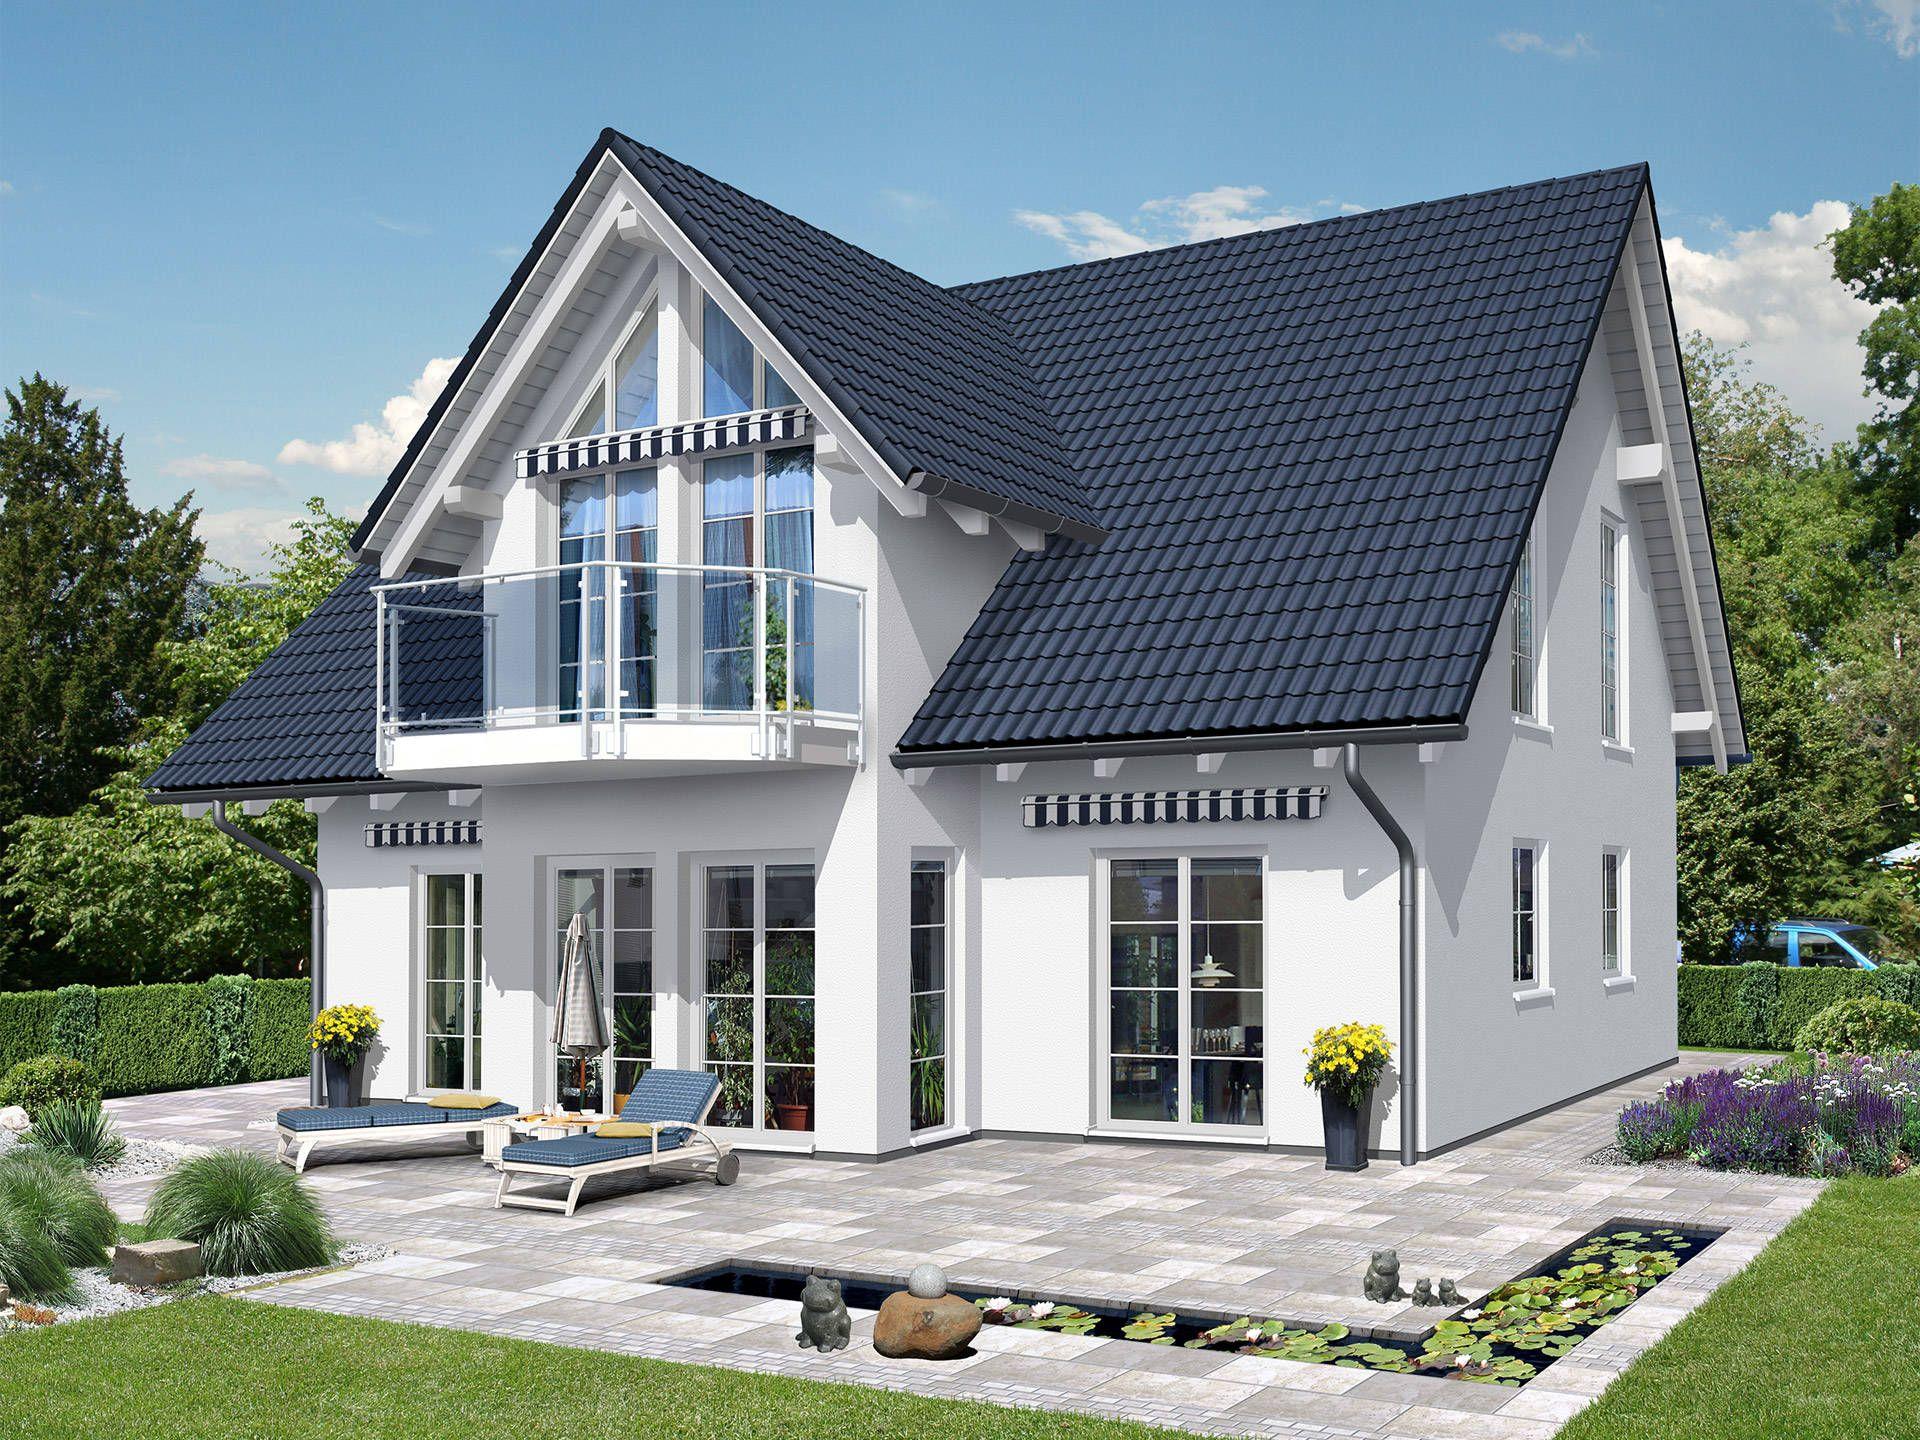 Pin Von Kilchhofer Peter Auf Eigenheim Haus Bausatzhaus Mediterranes Haus